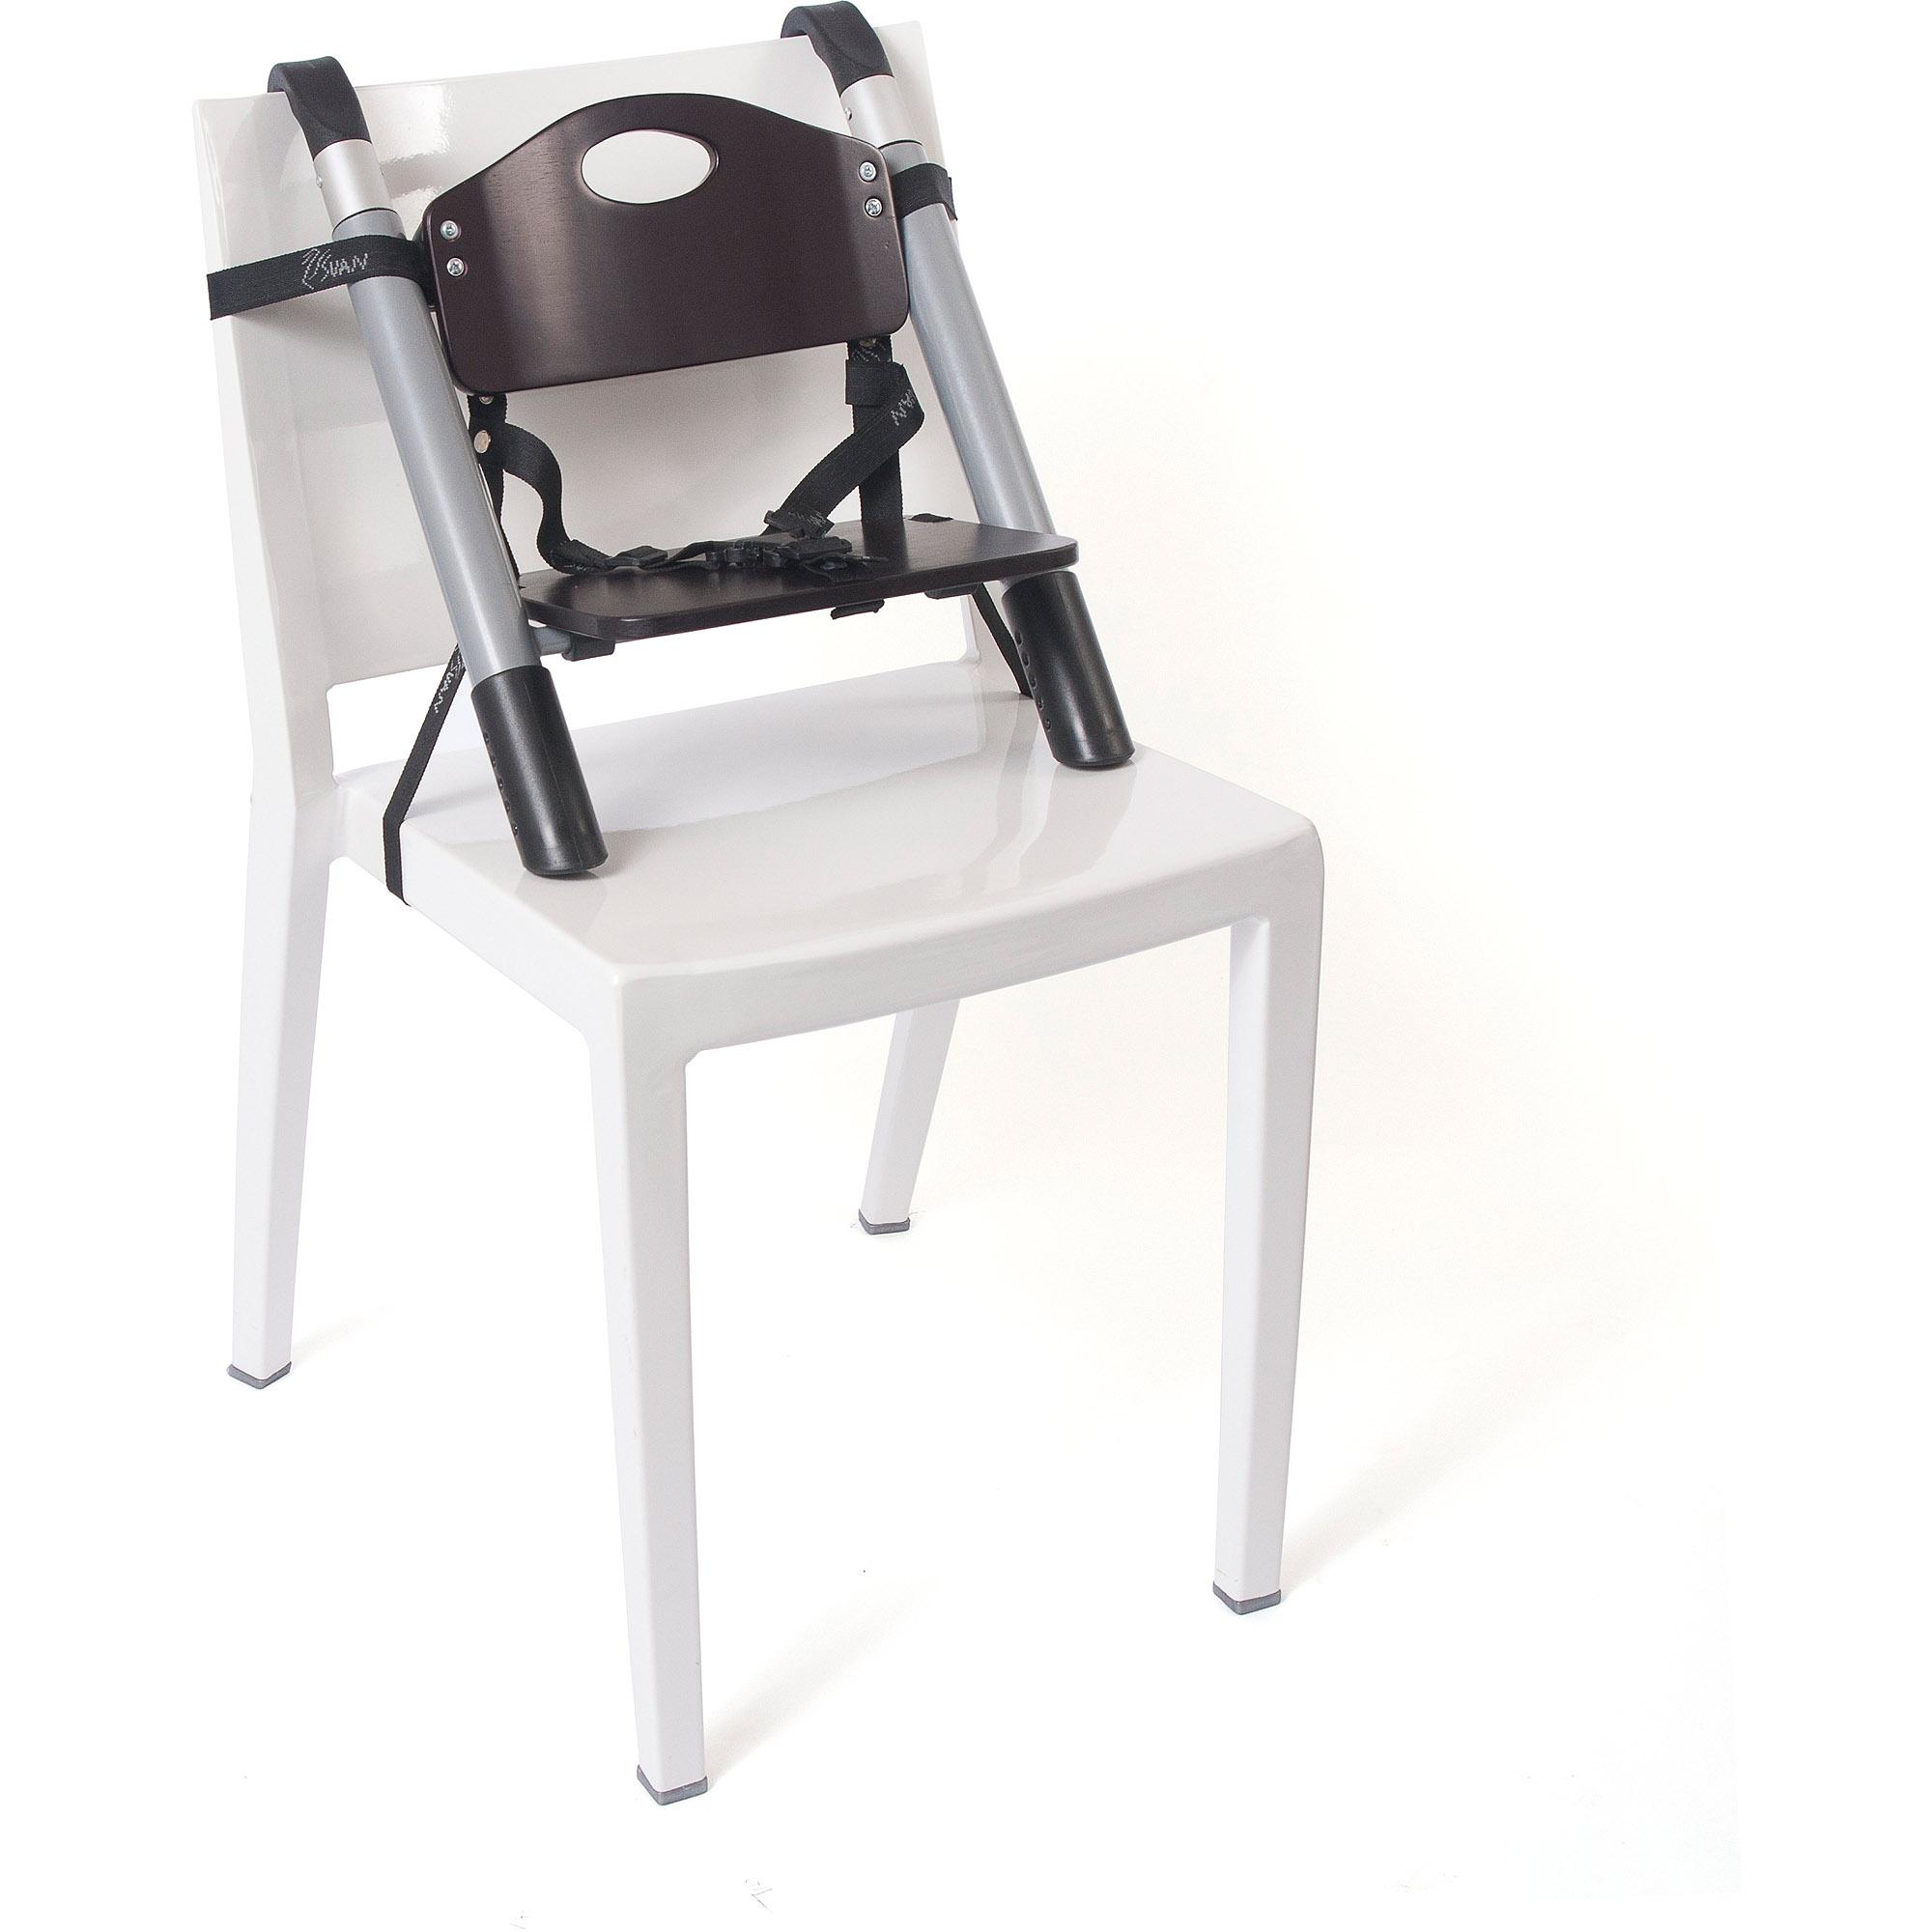 Svan Lyft Booster Seat, Espresso